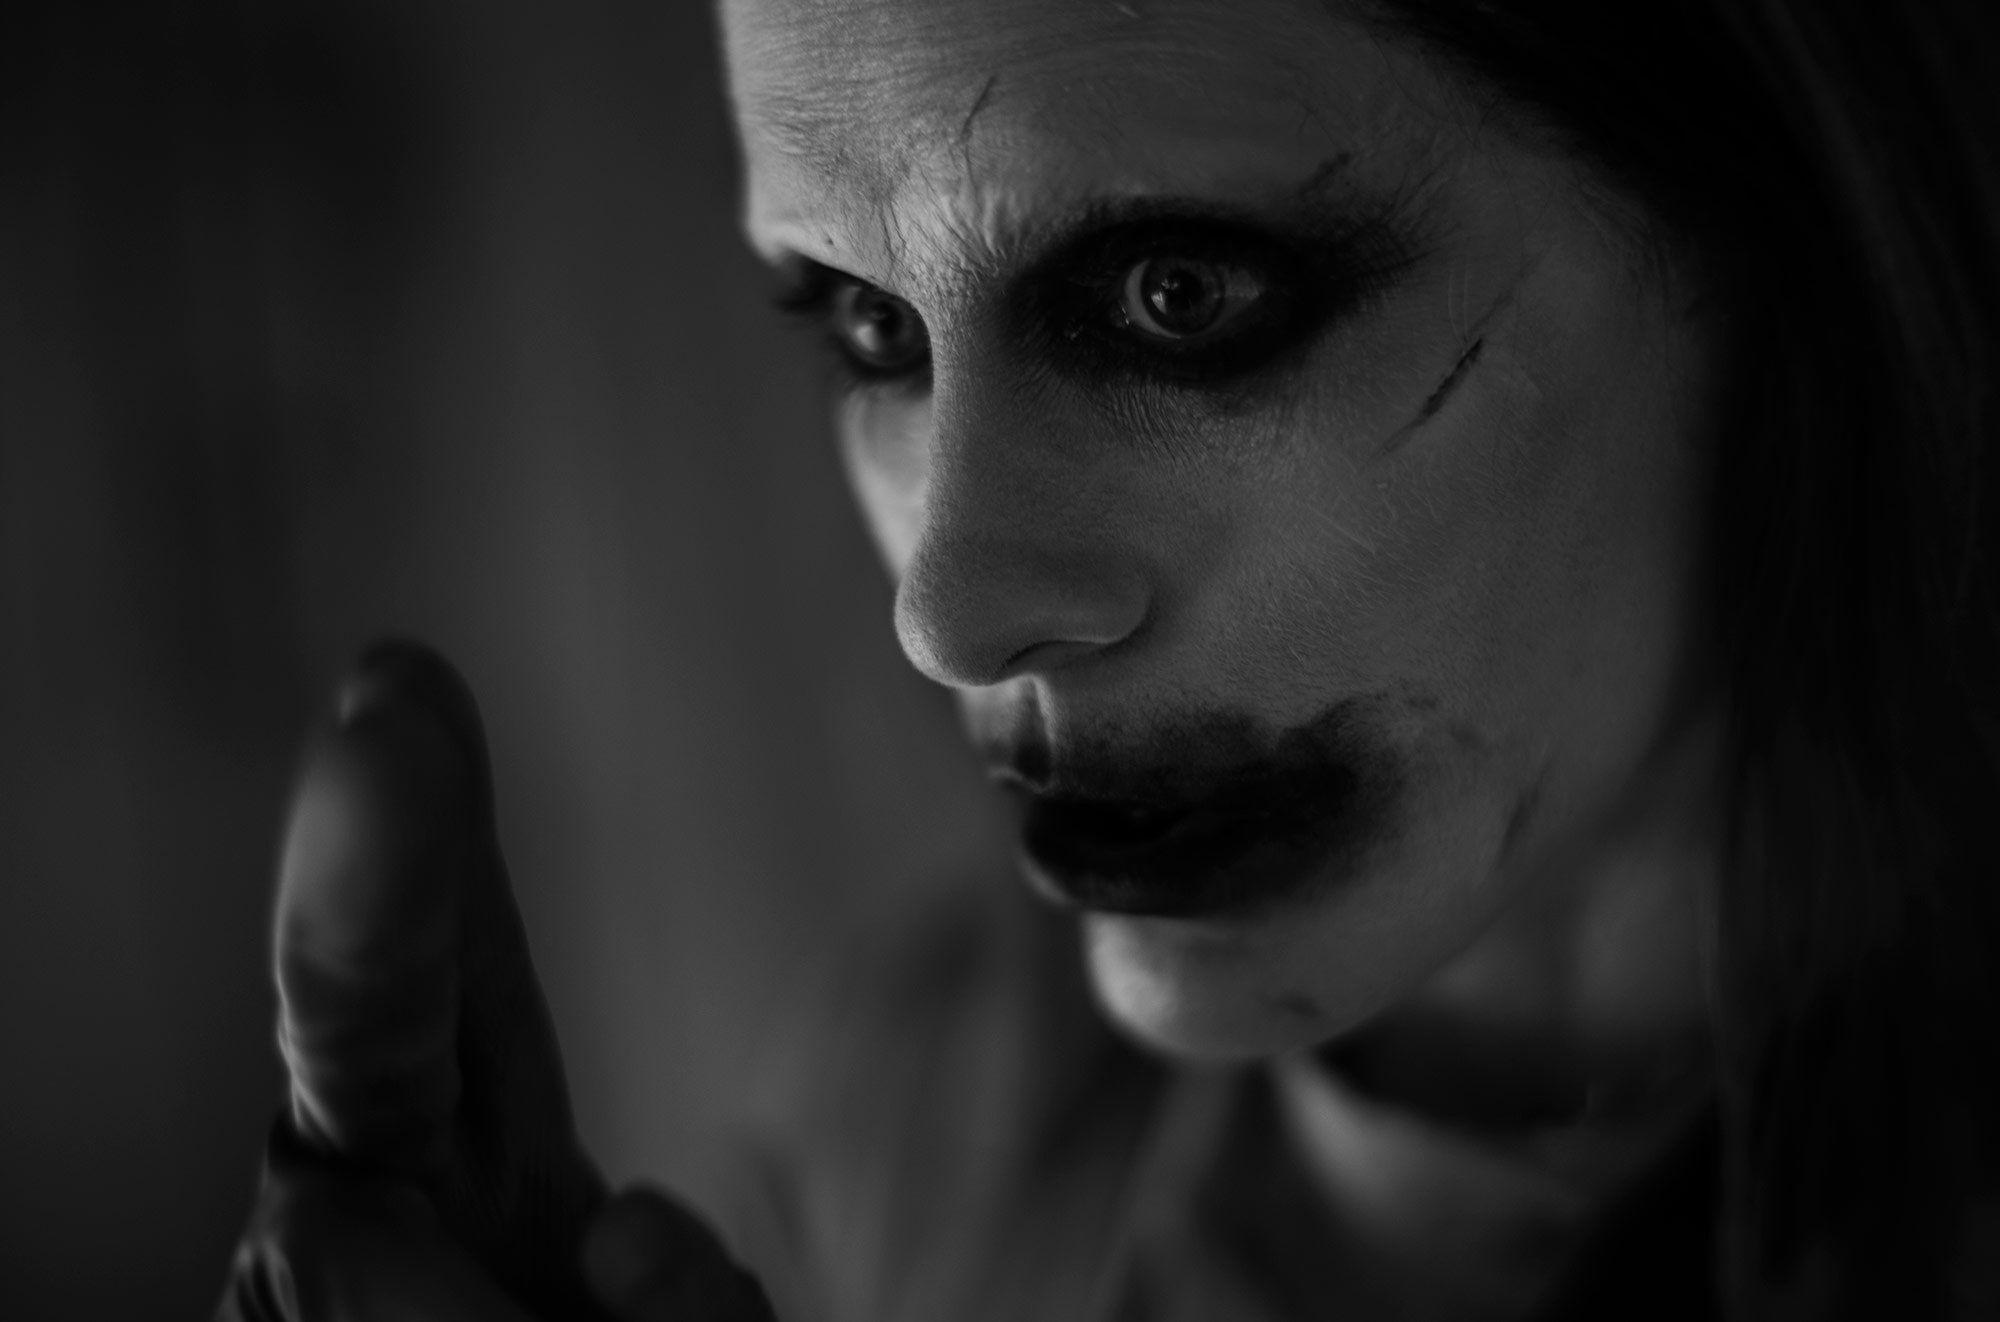 Joker de Jared Leto Snyder Cut redesign revelado em imagens da Liga da Justiça 2